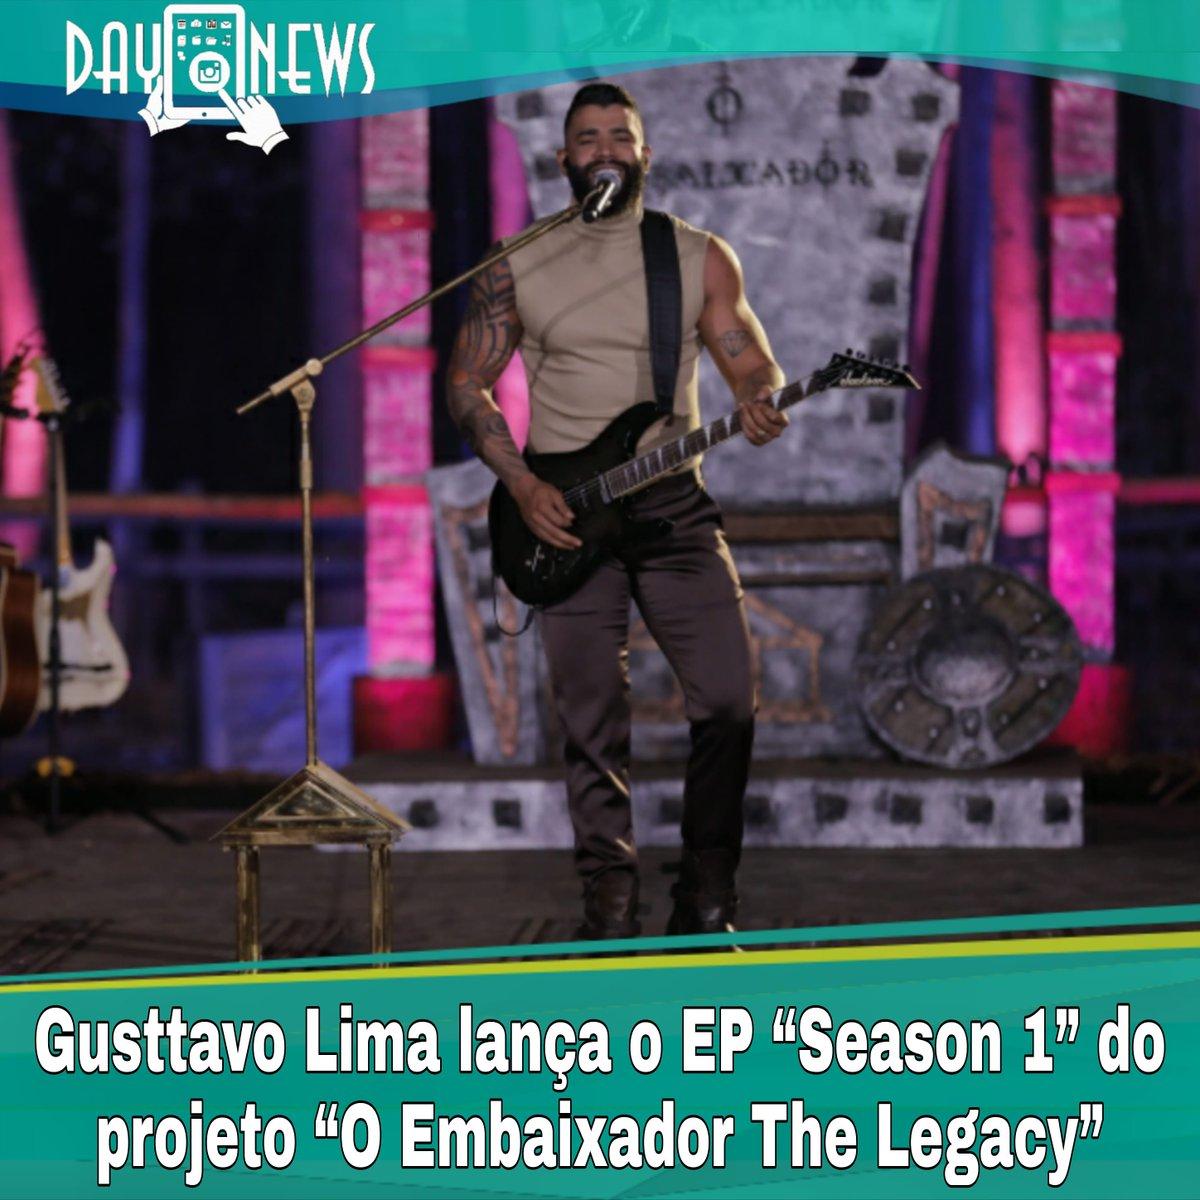 """Junto ao lançamento de """"Espetinho"""", segundo single de trabalho do novo DVD de @gusttavo_lima – """"O Embaixador The Legacy"""", acaba de entrar no ar o EP """"Season 1"""", que reúne em um único lugar a nova faixa e as quatro primeiras canções já apresentadas do projeto.  #gusttavolima"""